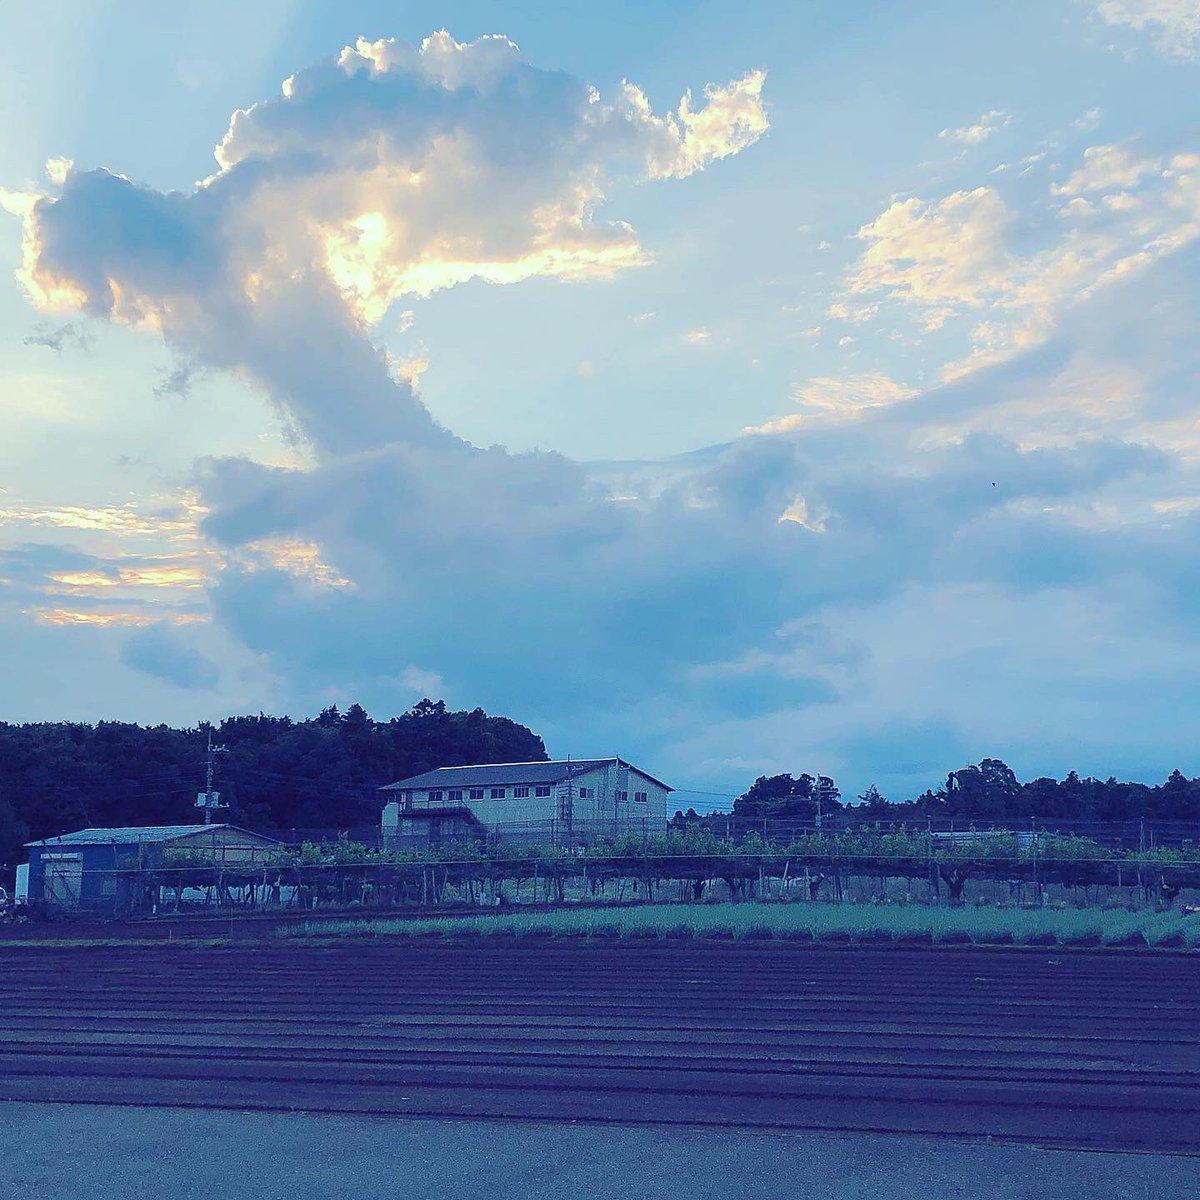 test ツイッターメディア - いただきました🥖♡スヌーピーとコラボでステッカー付き🐕🐾パッケージの絵柄が全部違う💕💗💕&スヌーピーな雲°ʚ☁️ɞ°  #スヌーピー #snoopy #ラスク #グーテデロワ #gouterderoi #空 #雲 #sky #clouds #お疲れ様でした #お菓子 #rusk #可愛い https://t.co/yjXaZJ0oTx